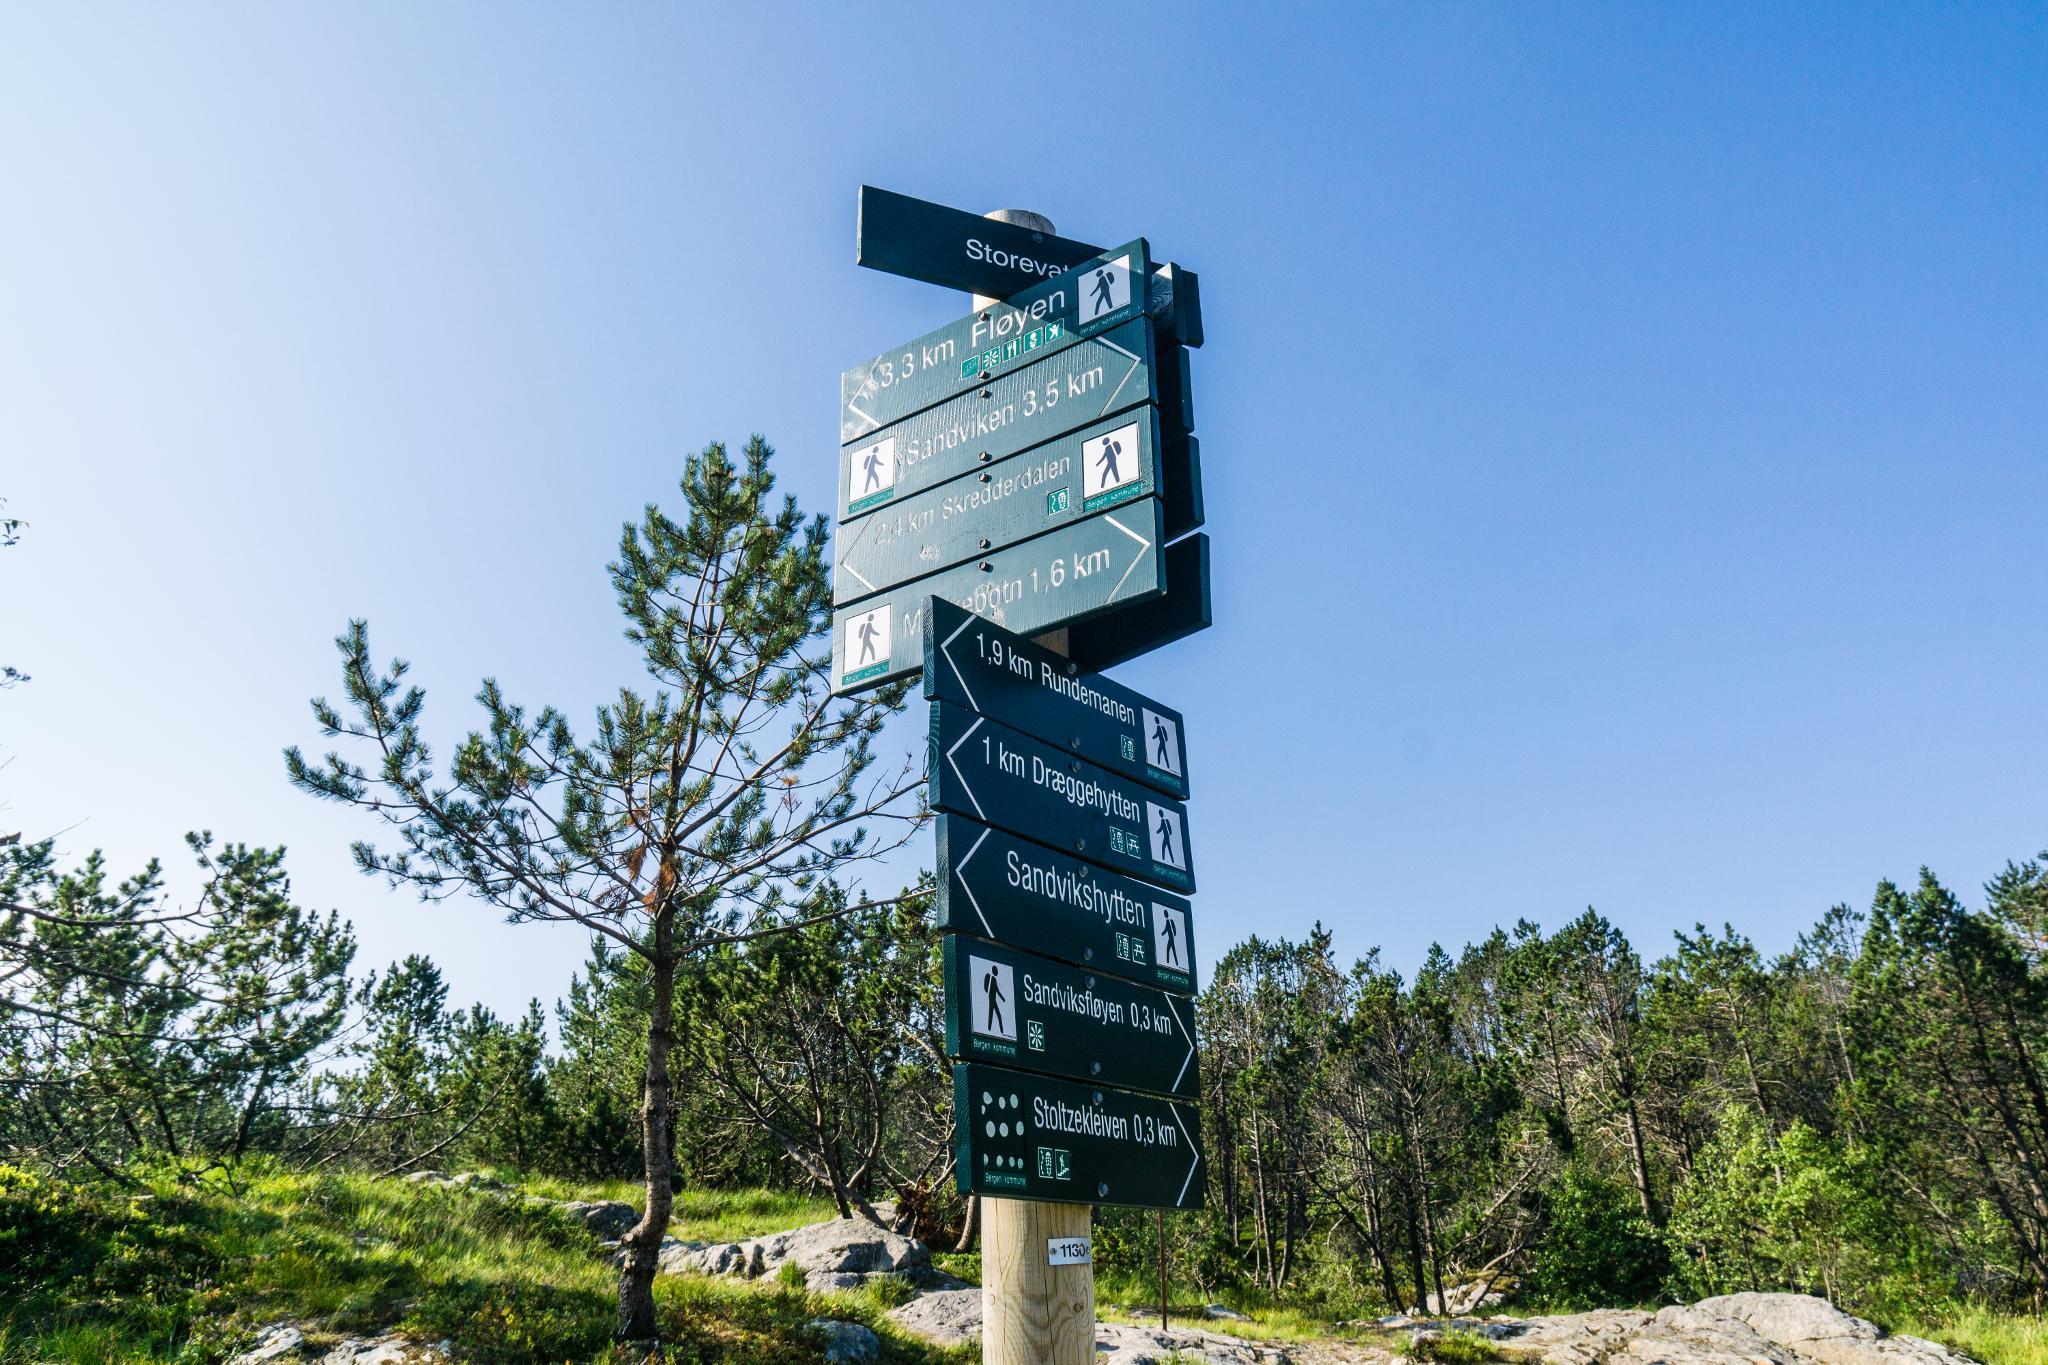 【卑爾根】超級震撼的隱藏版挪威景點 — Stoltzekleiven桑德維克斯石梯與Fløyen佛洛伊恩觀景台大縱走 18